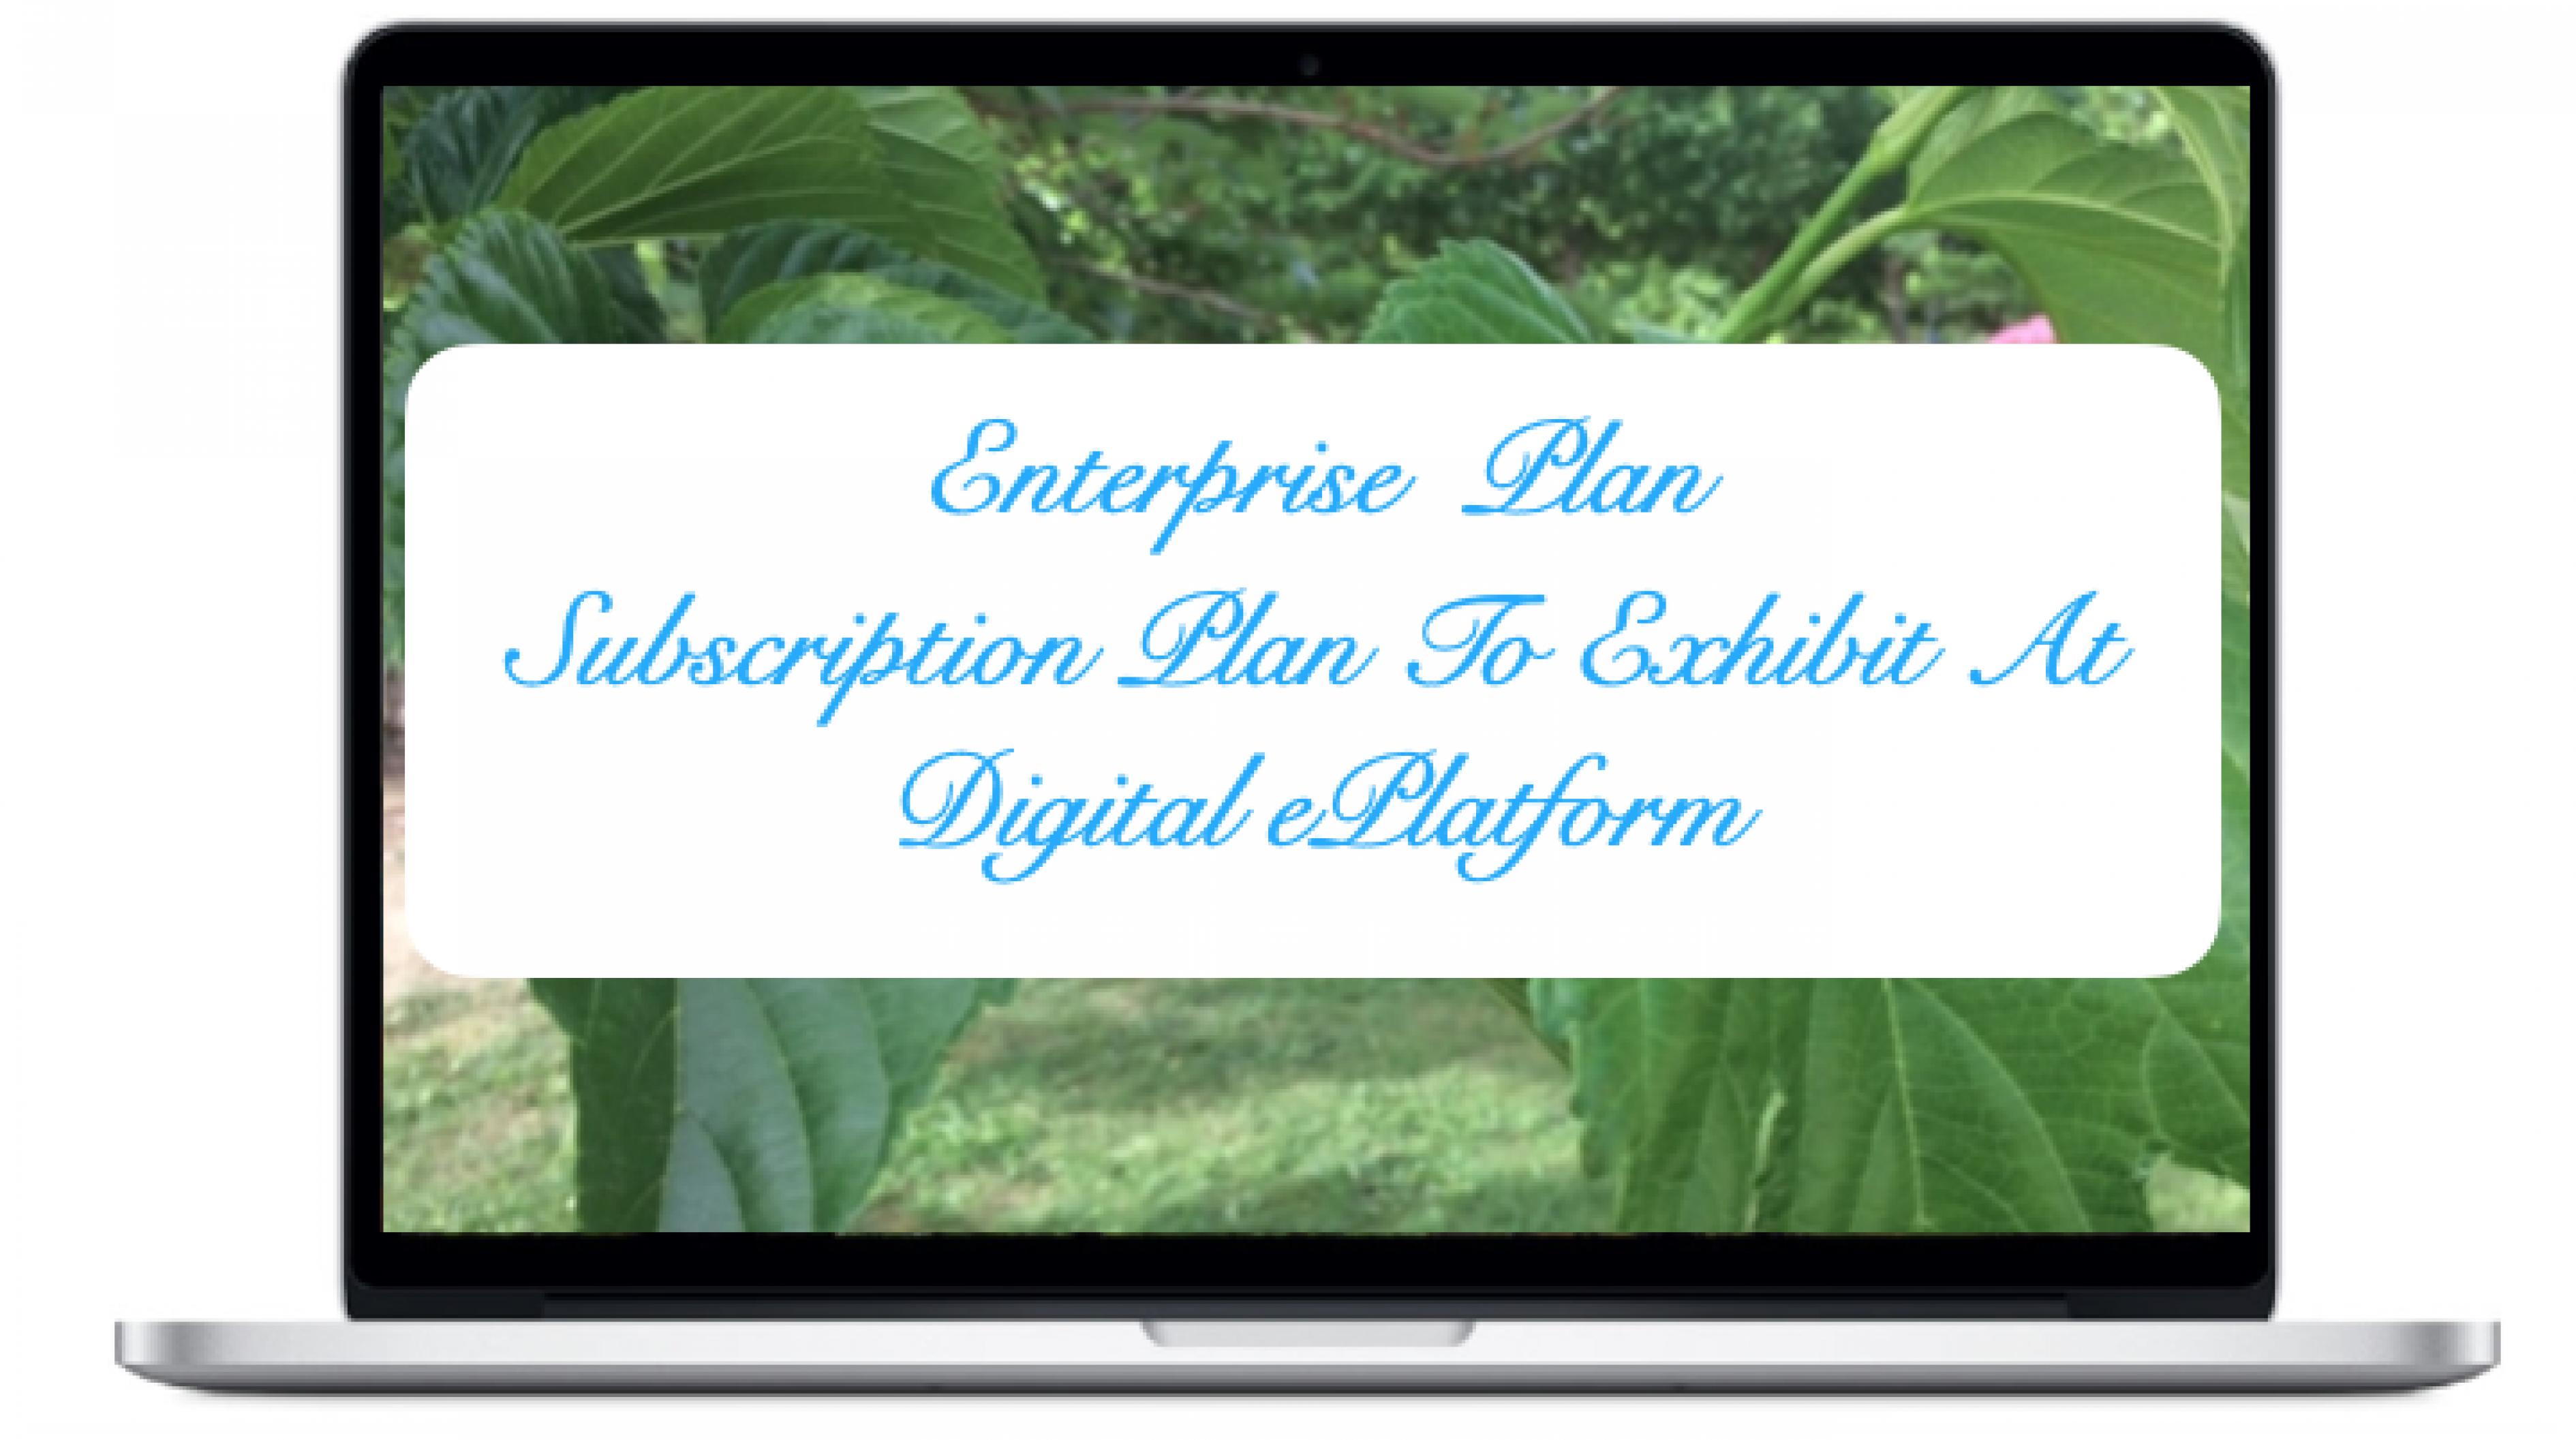 enterprise-subscription-plan-to-exhibit-at-nirudi-digital-eplatform_0